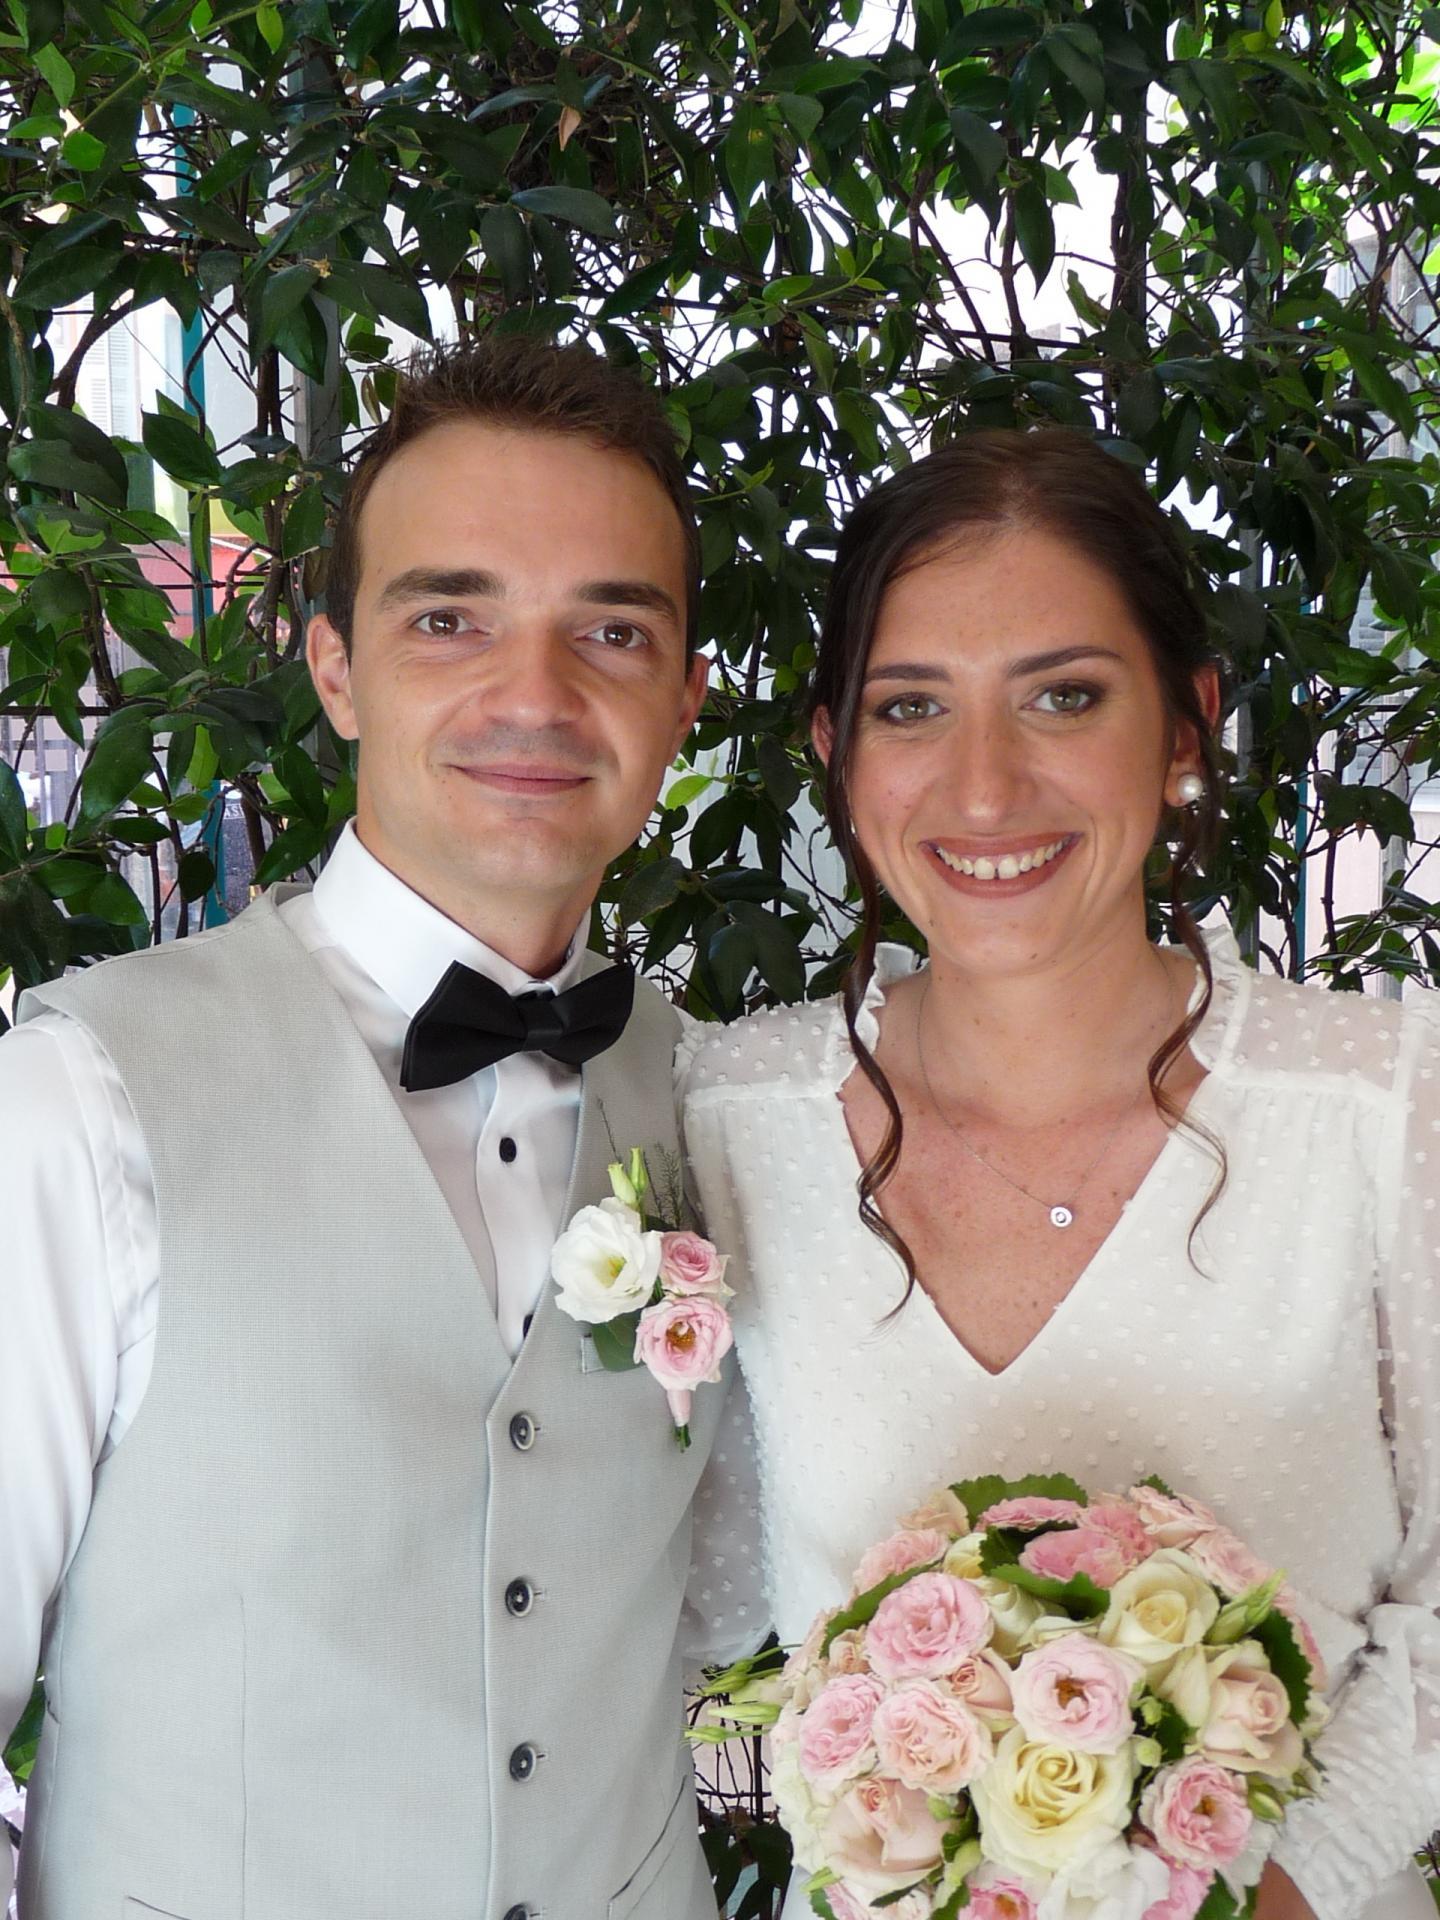 Luca Giordano-Roig, chef d'entreprise, et Lauren Boschard, cadre commerciale.